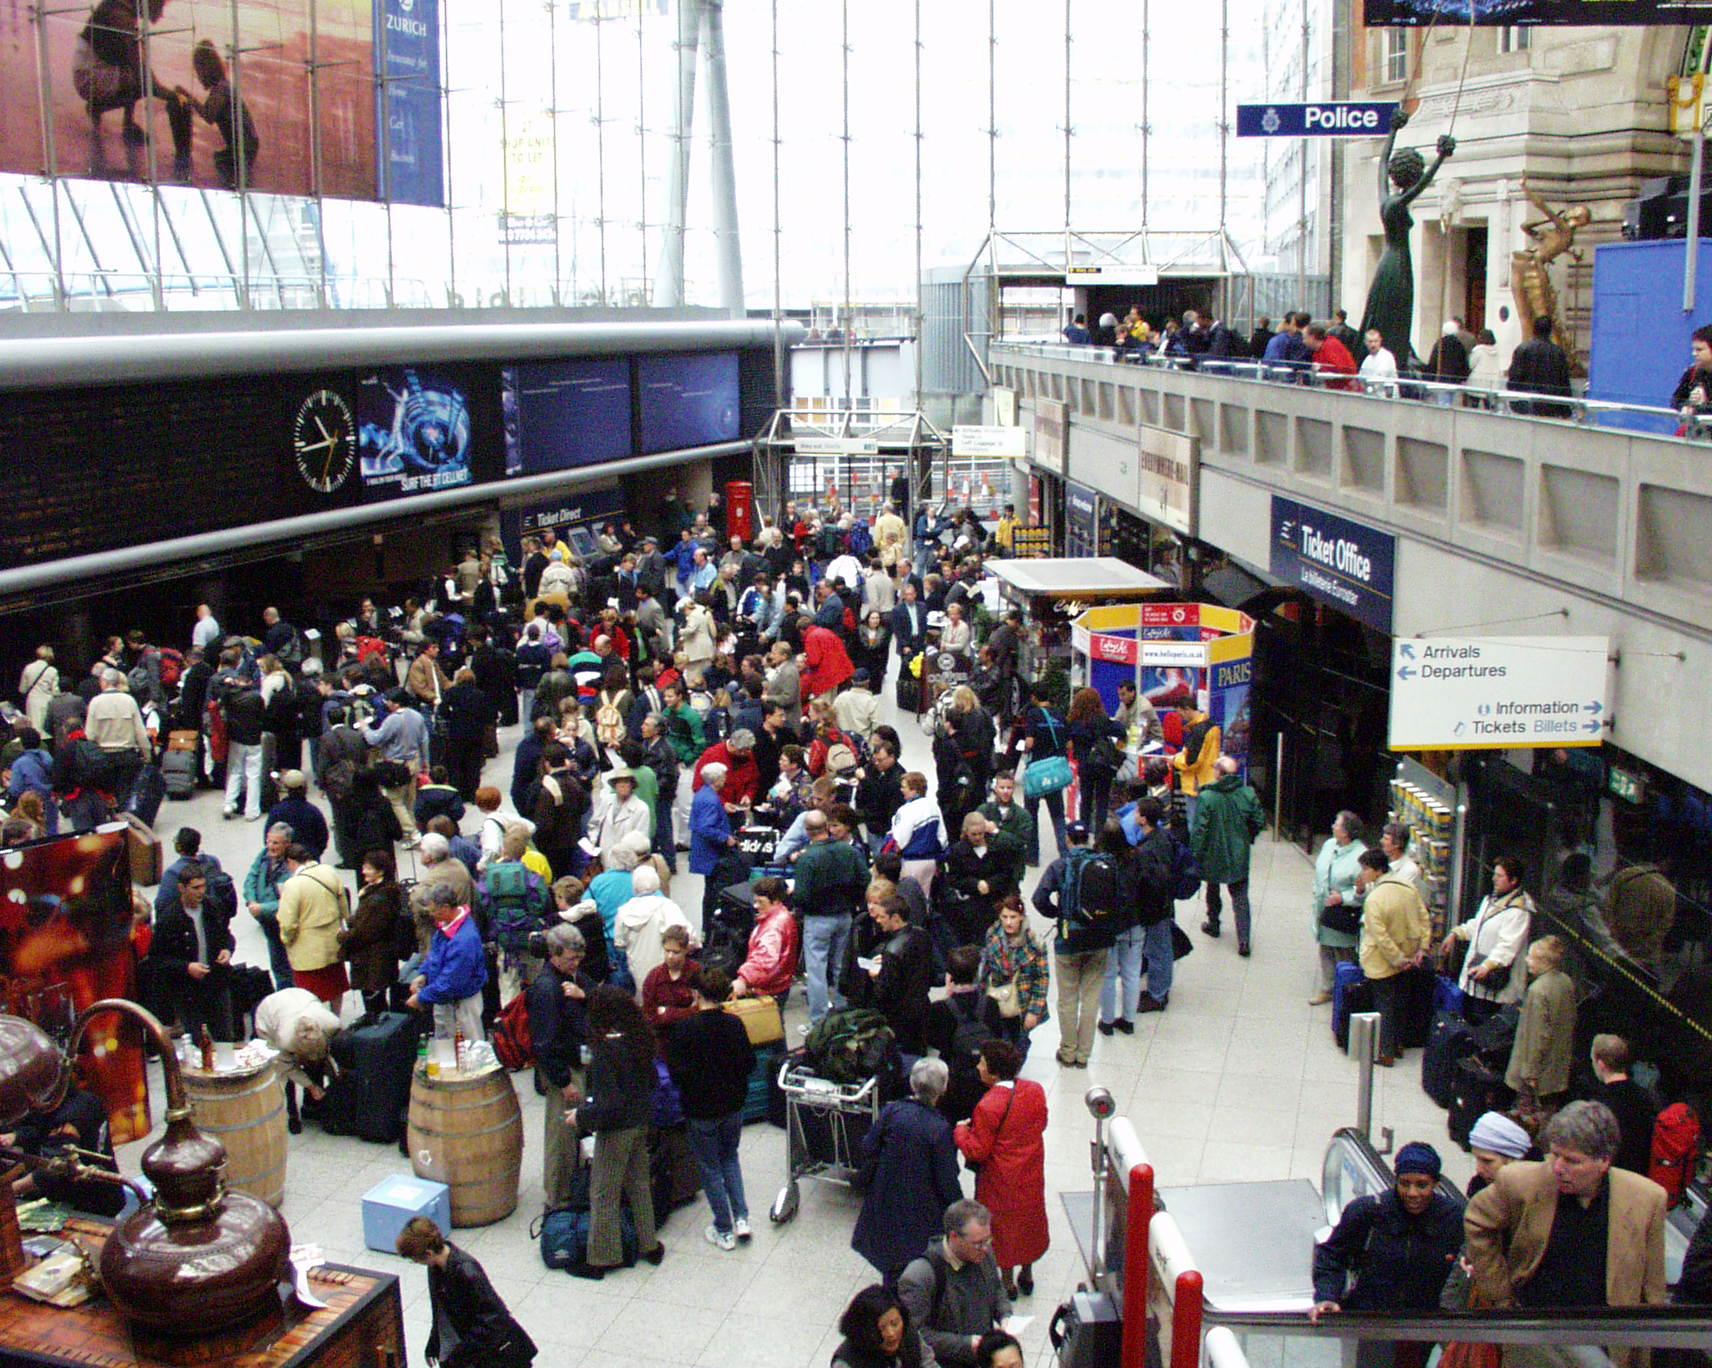 2000-05-28 To France via Eurostar